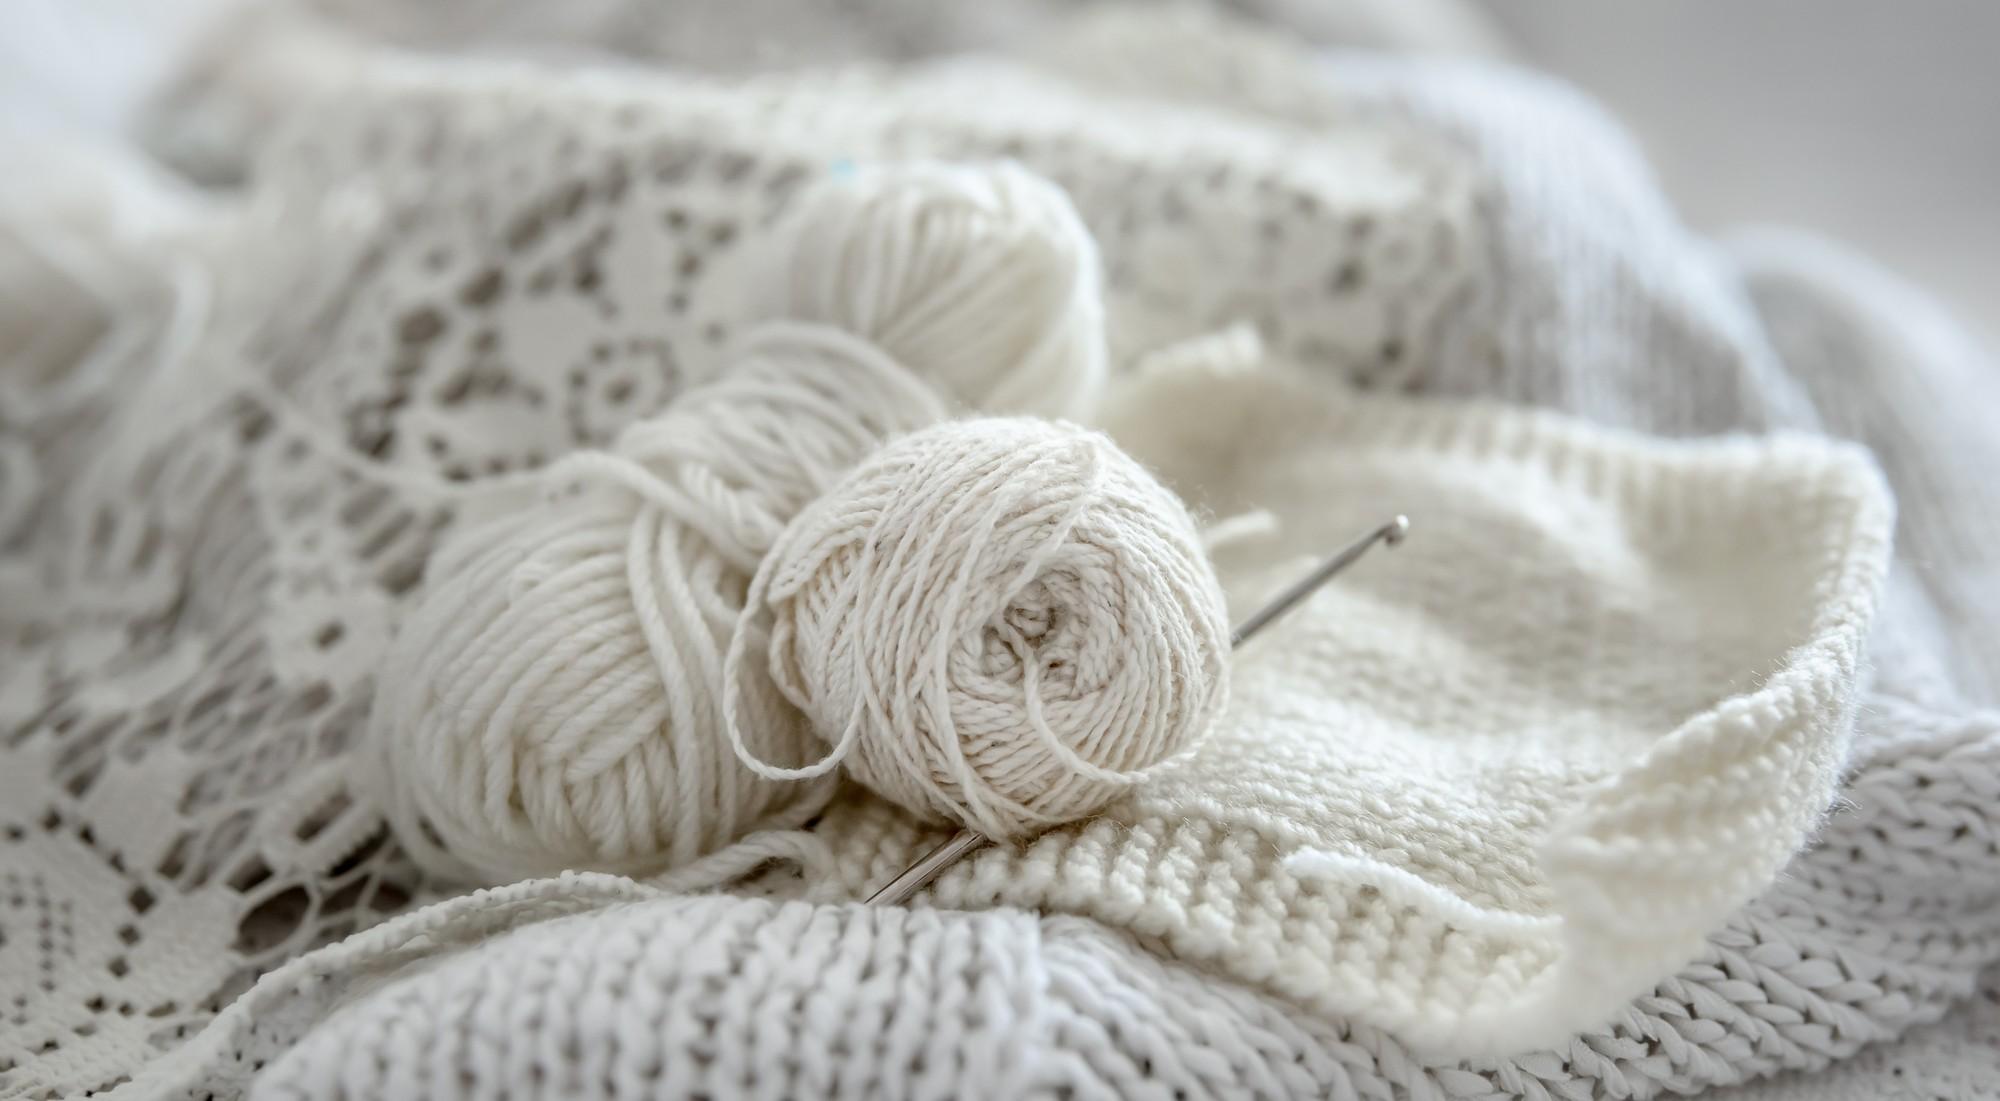 Ball of yarn on crochet yarn rug